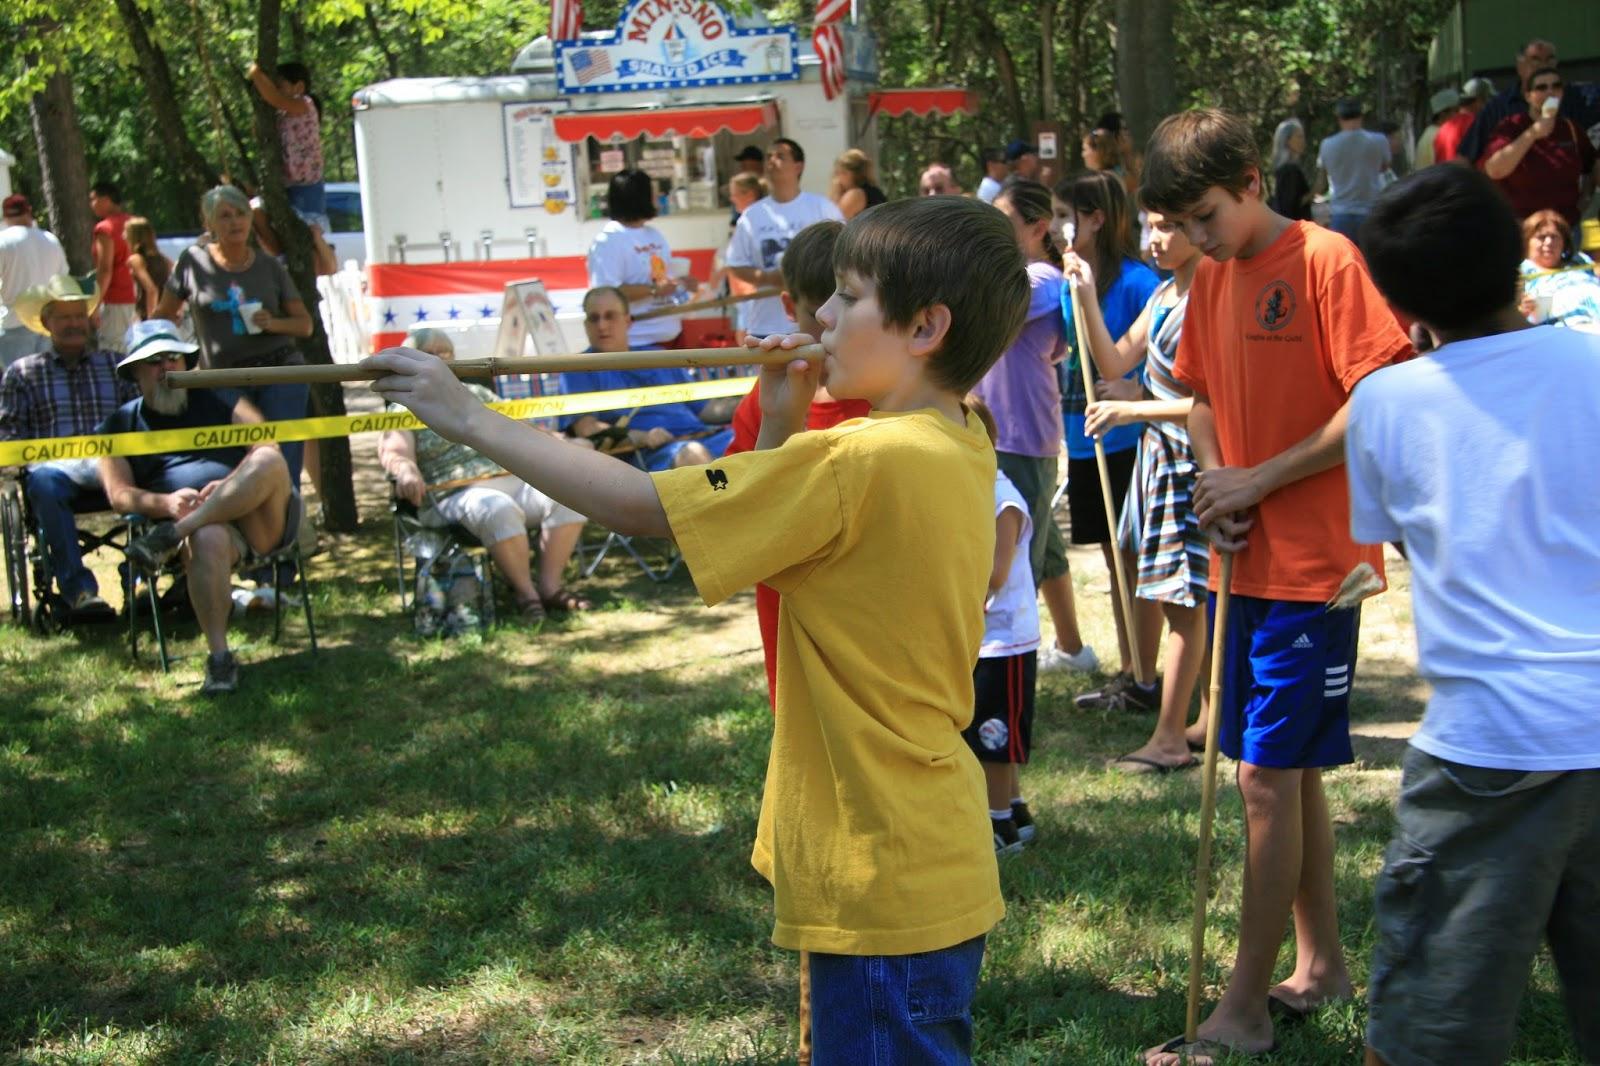 Coleccion De Juegos Competencias Divertidas Para Tus Juegos Y Fiestas